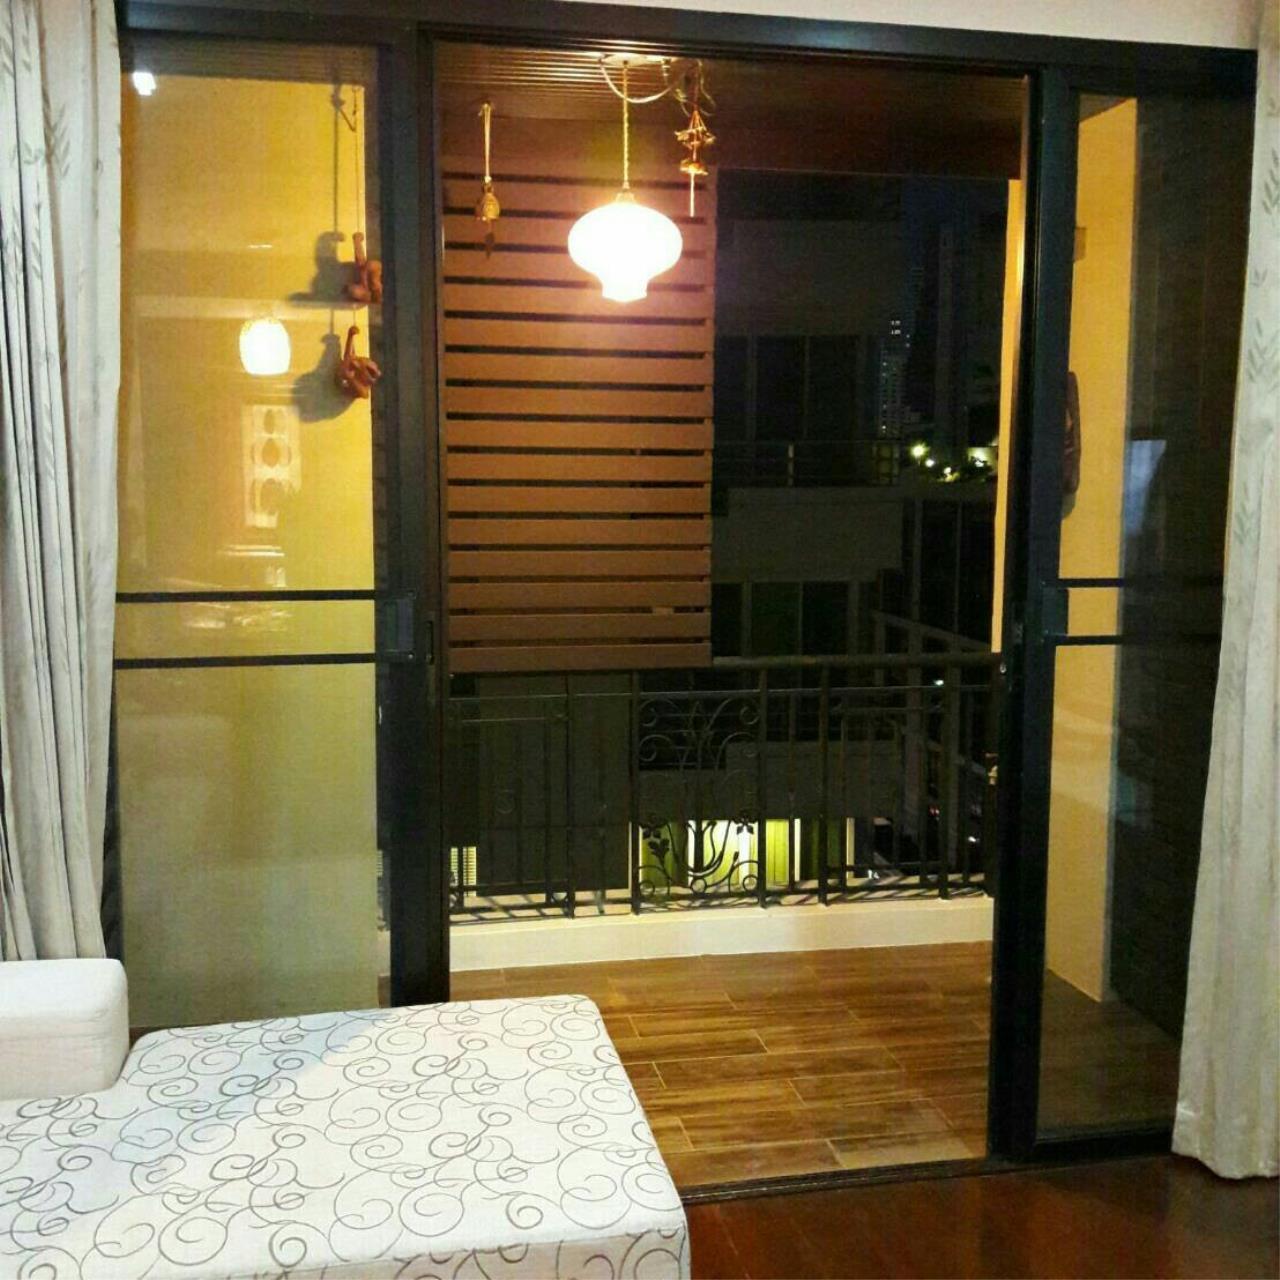 You Estate Agency's sale or rent 52000 area 80 sq.m 2 bed Prime Mansion sukhumvit 31 10